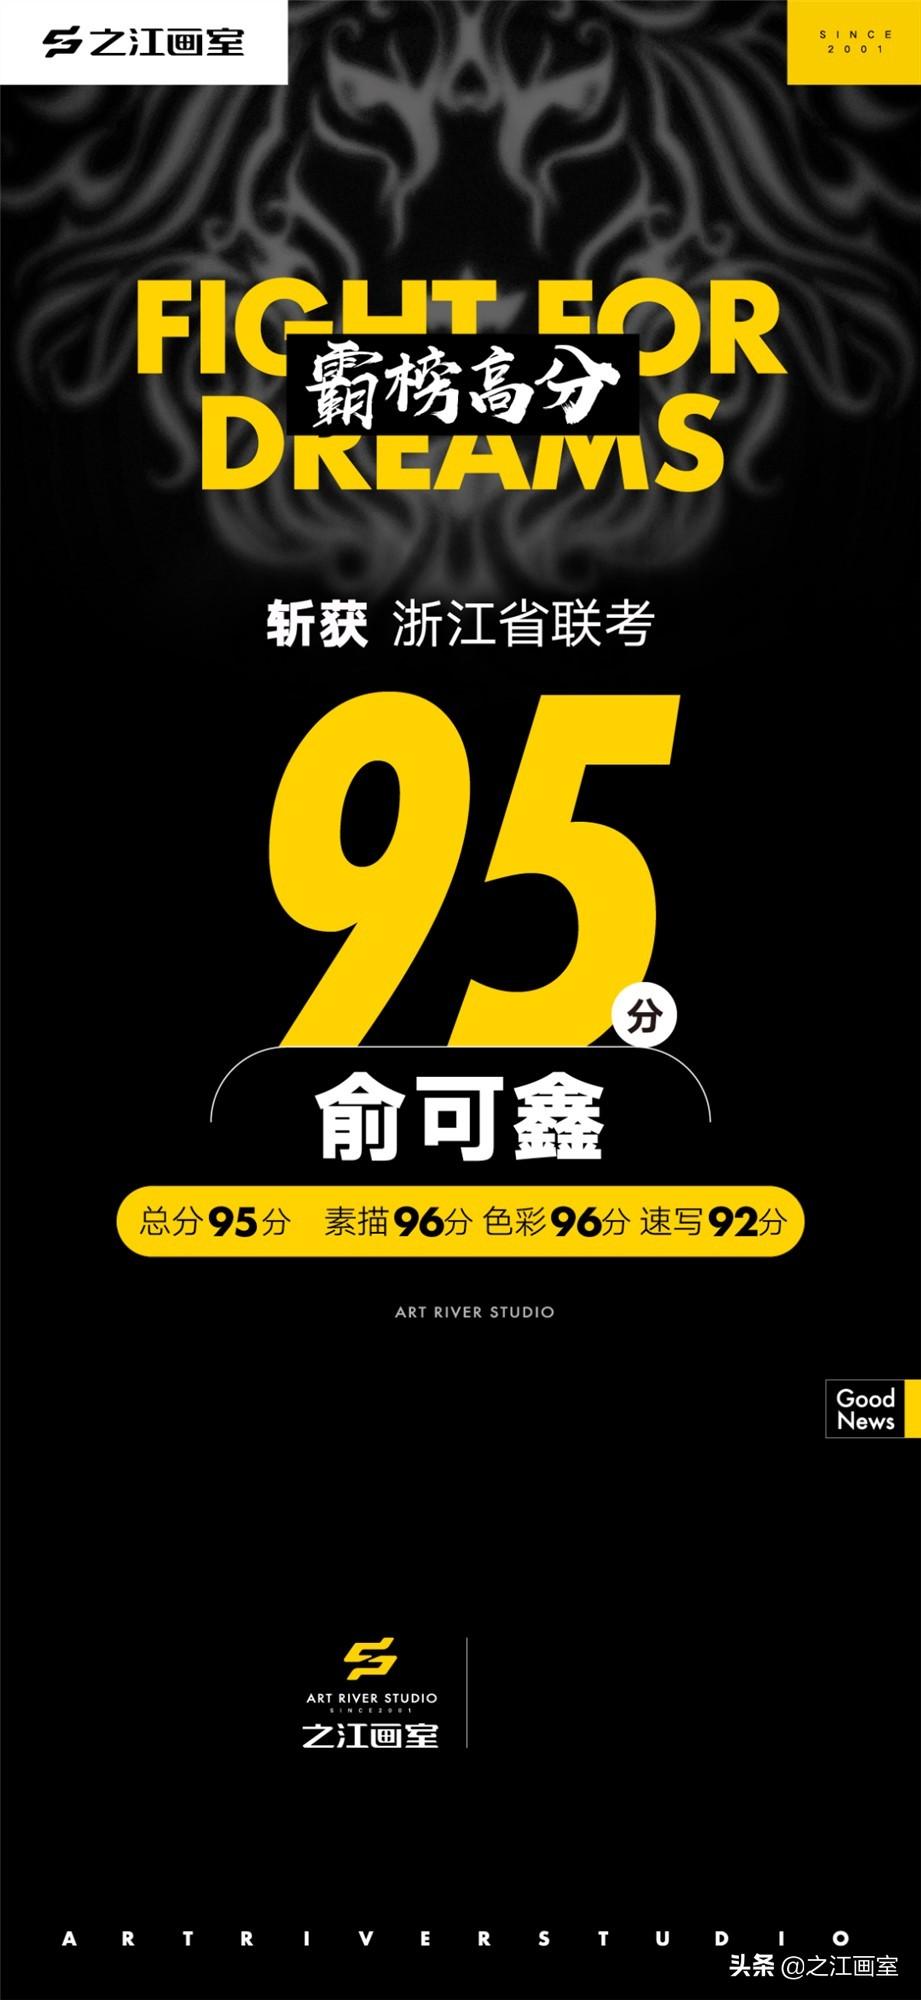 「浙江省联考」强势连斩全省榜眼、探花